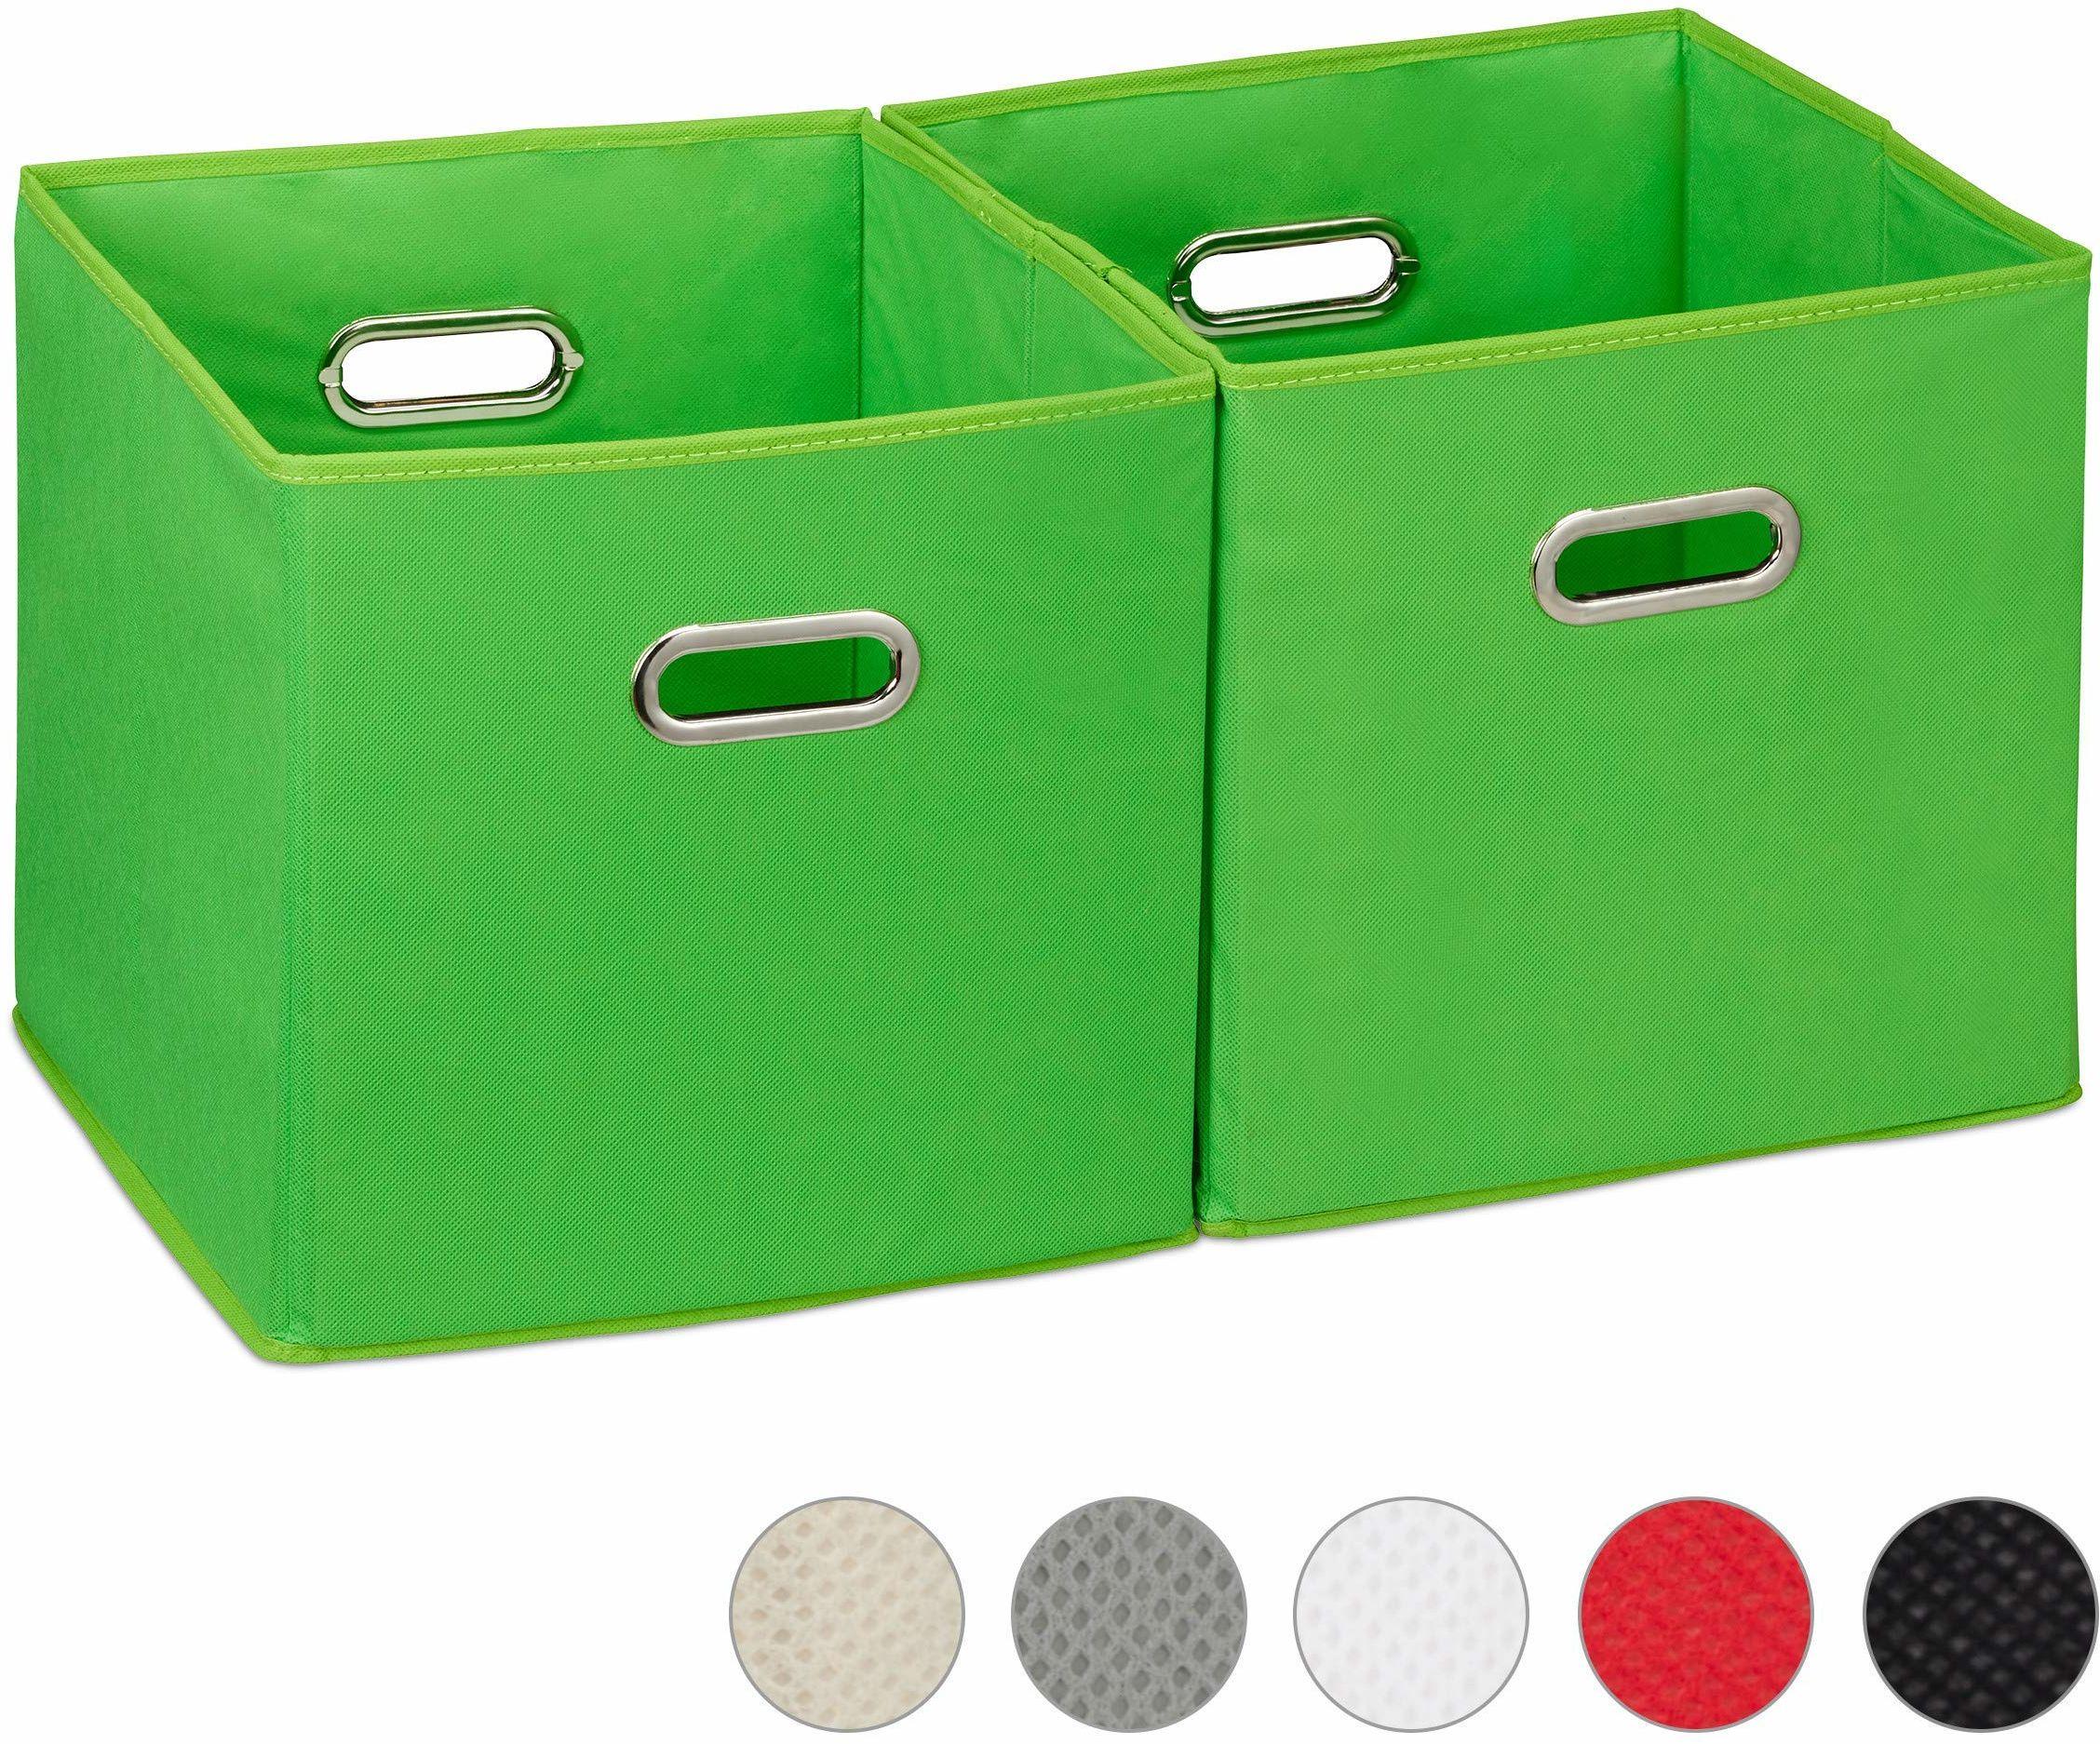 Relaxdays Pudełko do przechowywania zestaw 2 szt. kosz regałowy bez pokrywki, z uchwytem, składane, pudełko z materiału kwadratowe, 30 cm, zielony